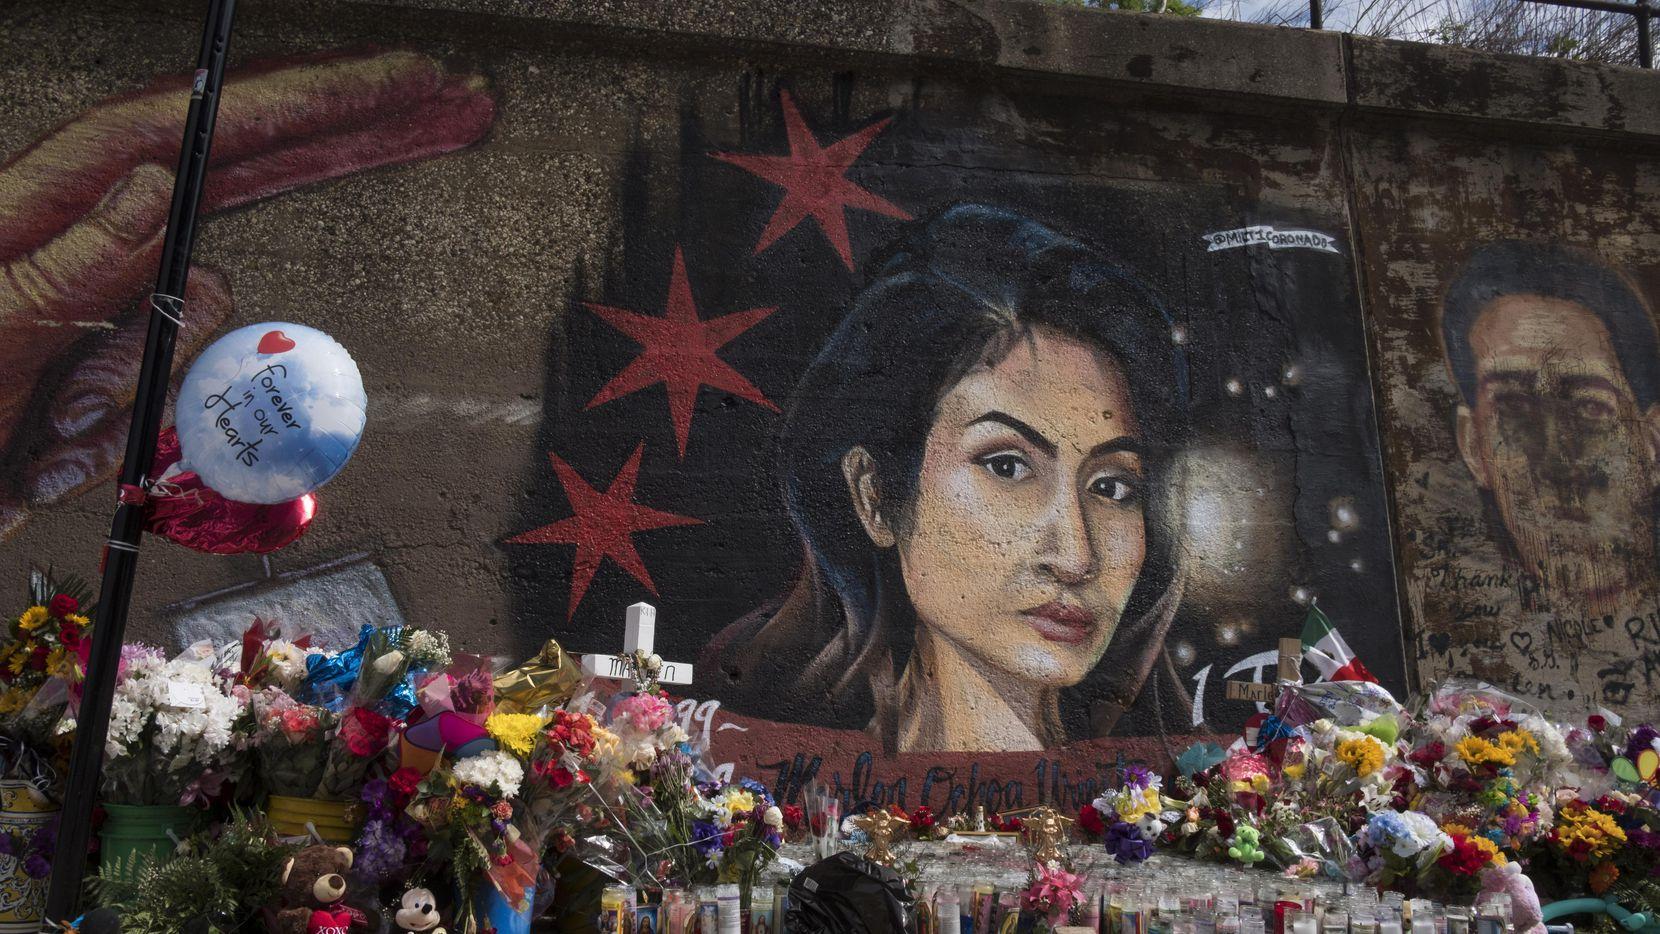 Un mural de Marlen Ochoa-López fue pintado en Chicago para honrar la memoria de la madre cuyo hijo fue arrancado de su vientre.(AP)